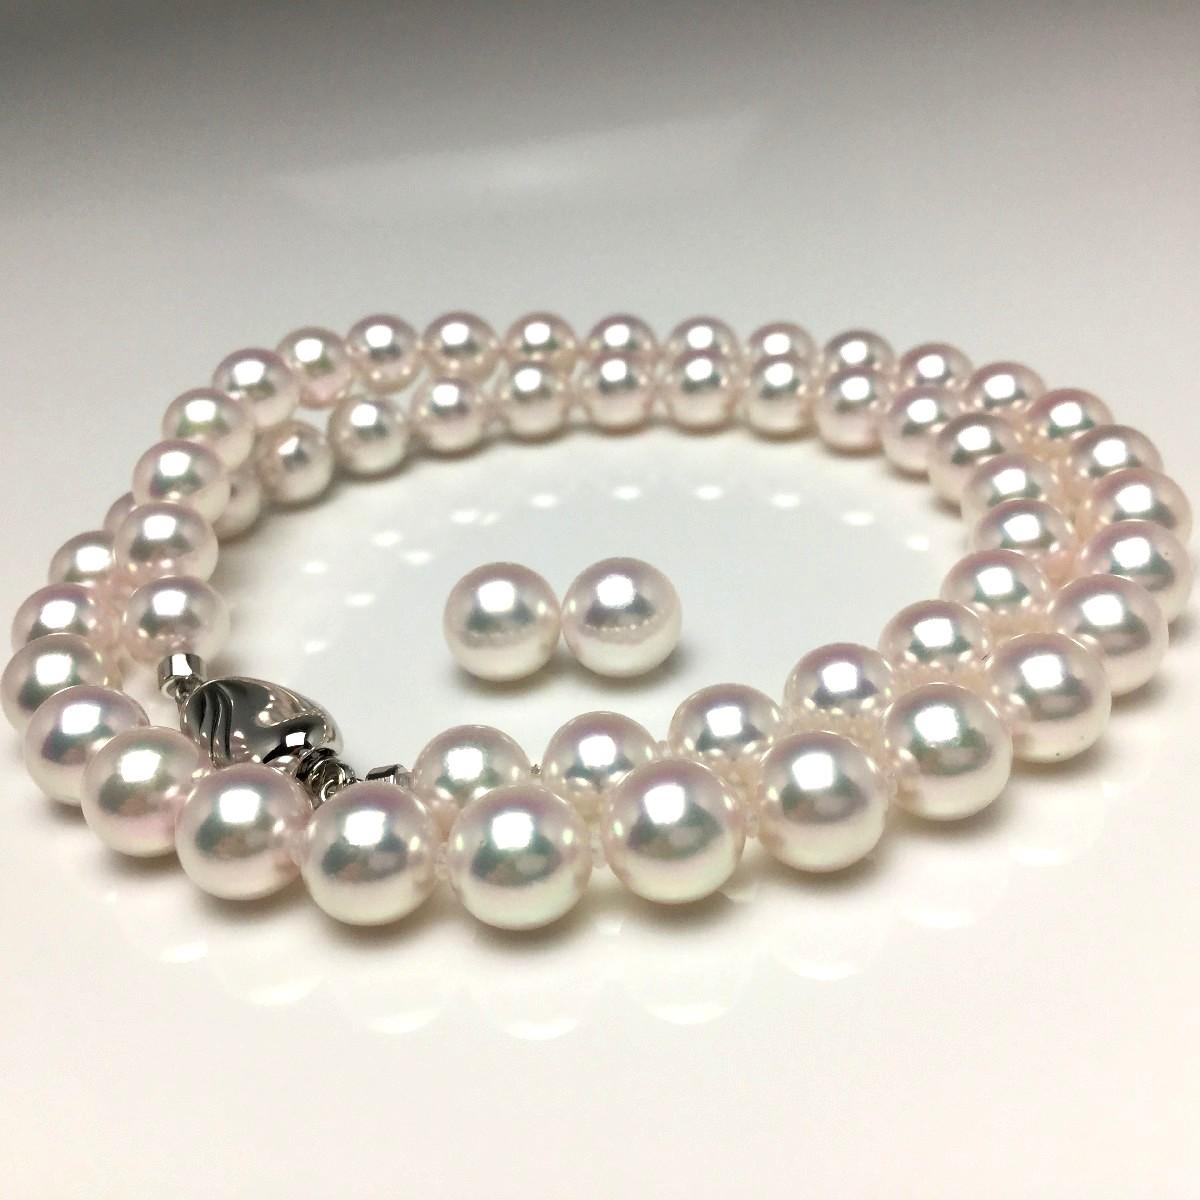 真珠 ネックレス パール オーロラ・天女 アコヤ真珠 イヤリング or ピアス セット 7.0-7.5mm ホワイトピンク シルバー クラスップ 67173 イソワパール